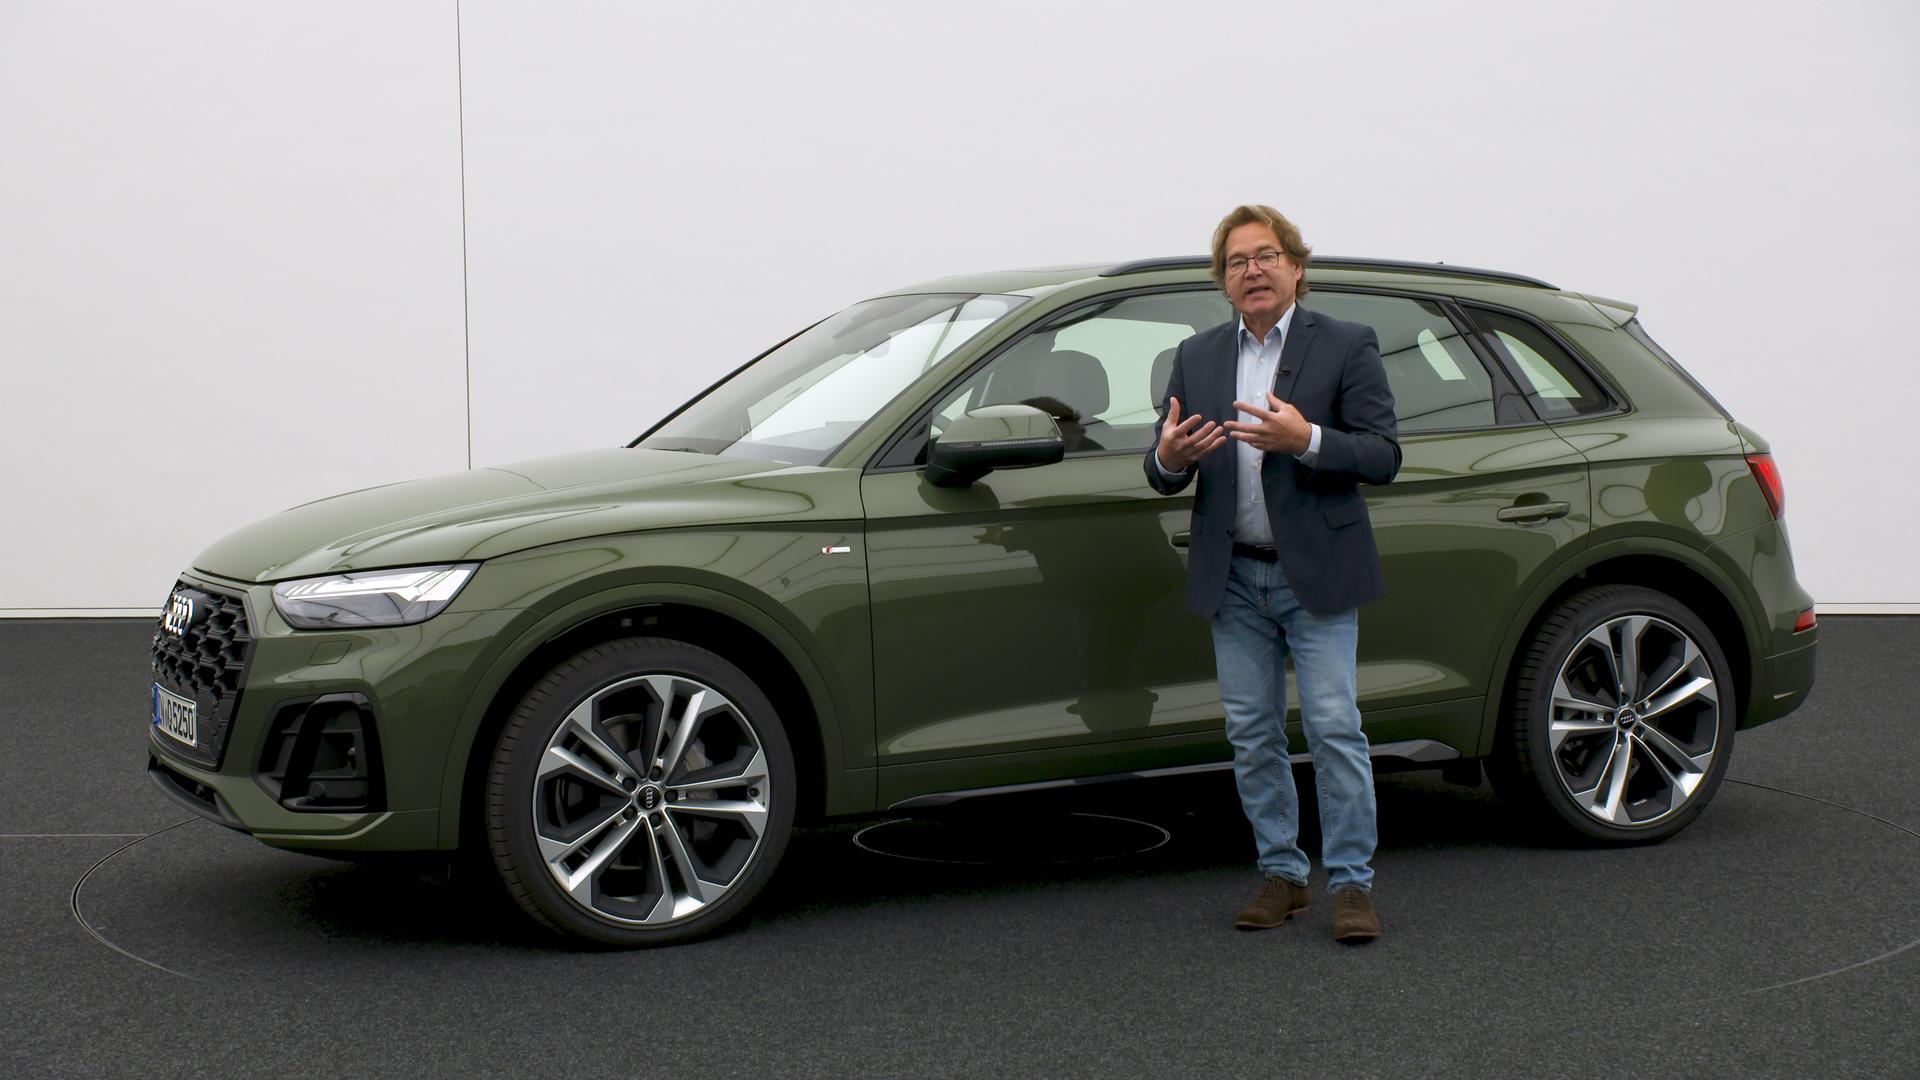 Das Design des Audi Q5